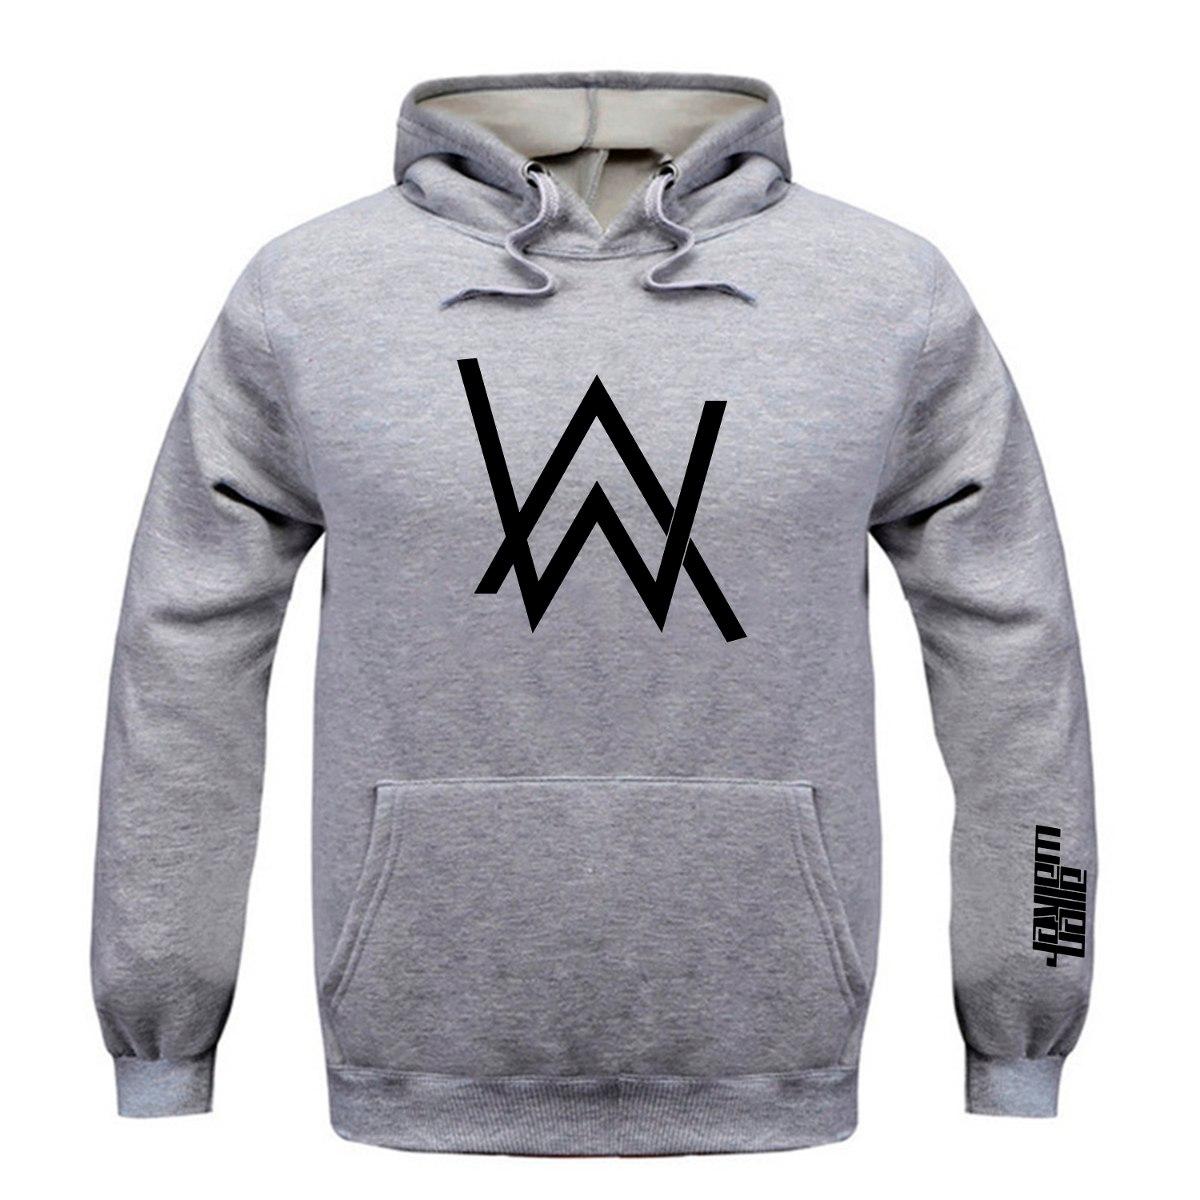 Moletom alan walker blusa de frio casaco r 6587 em mercado livre carregando zoom stopboris Image collections